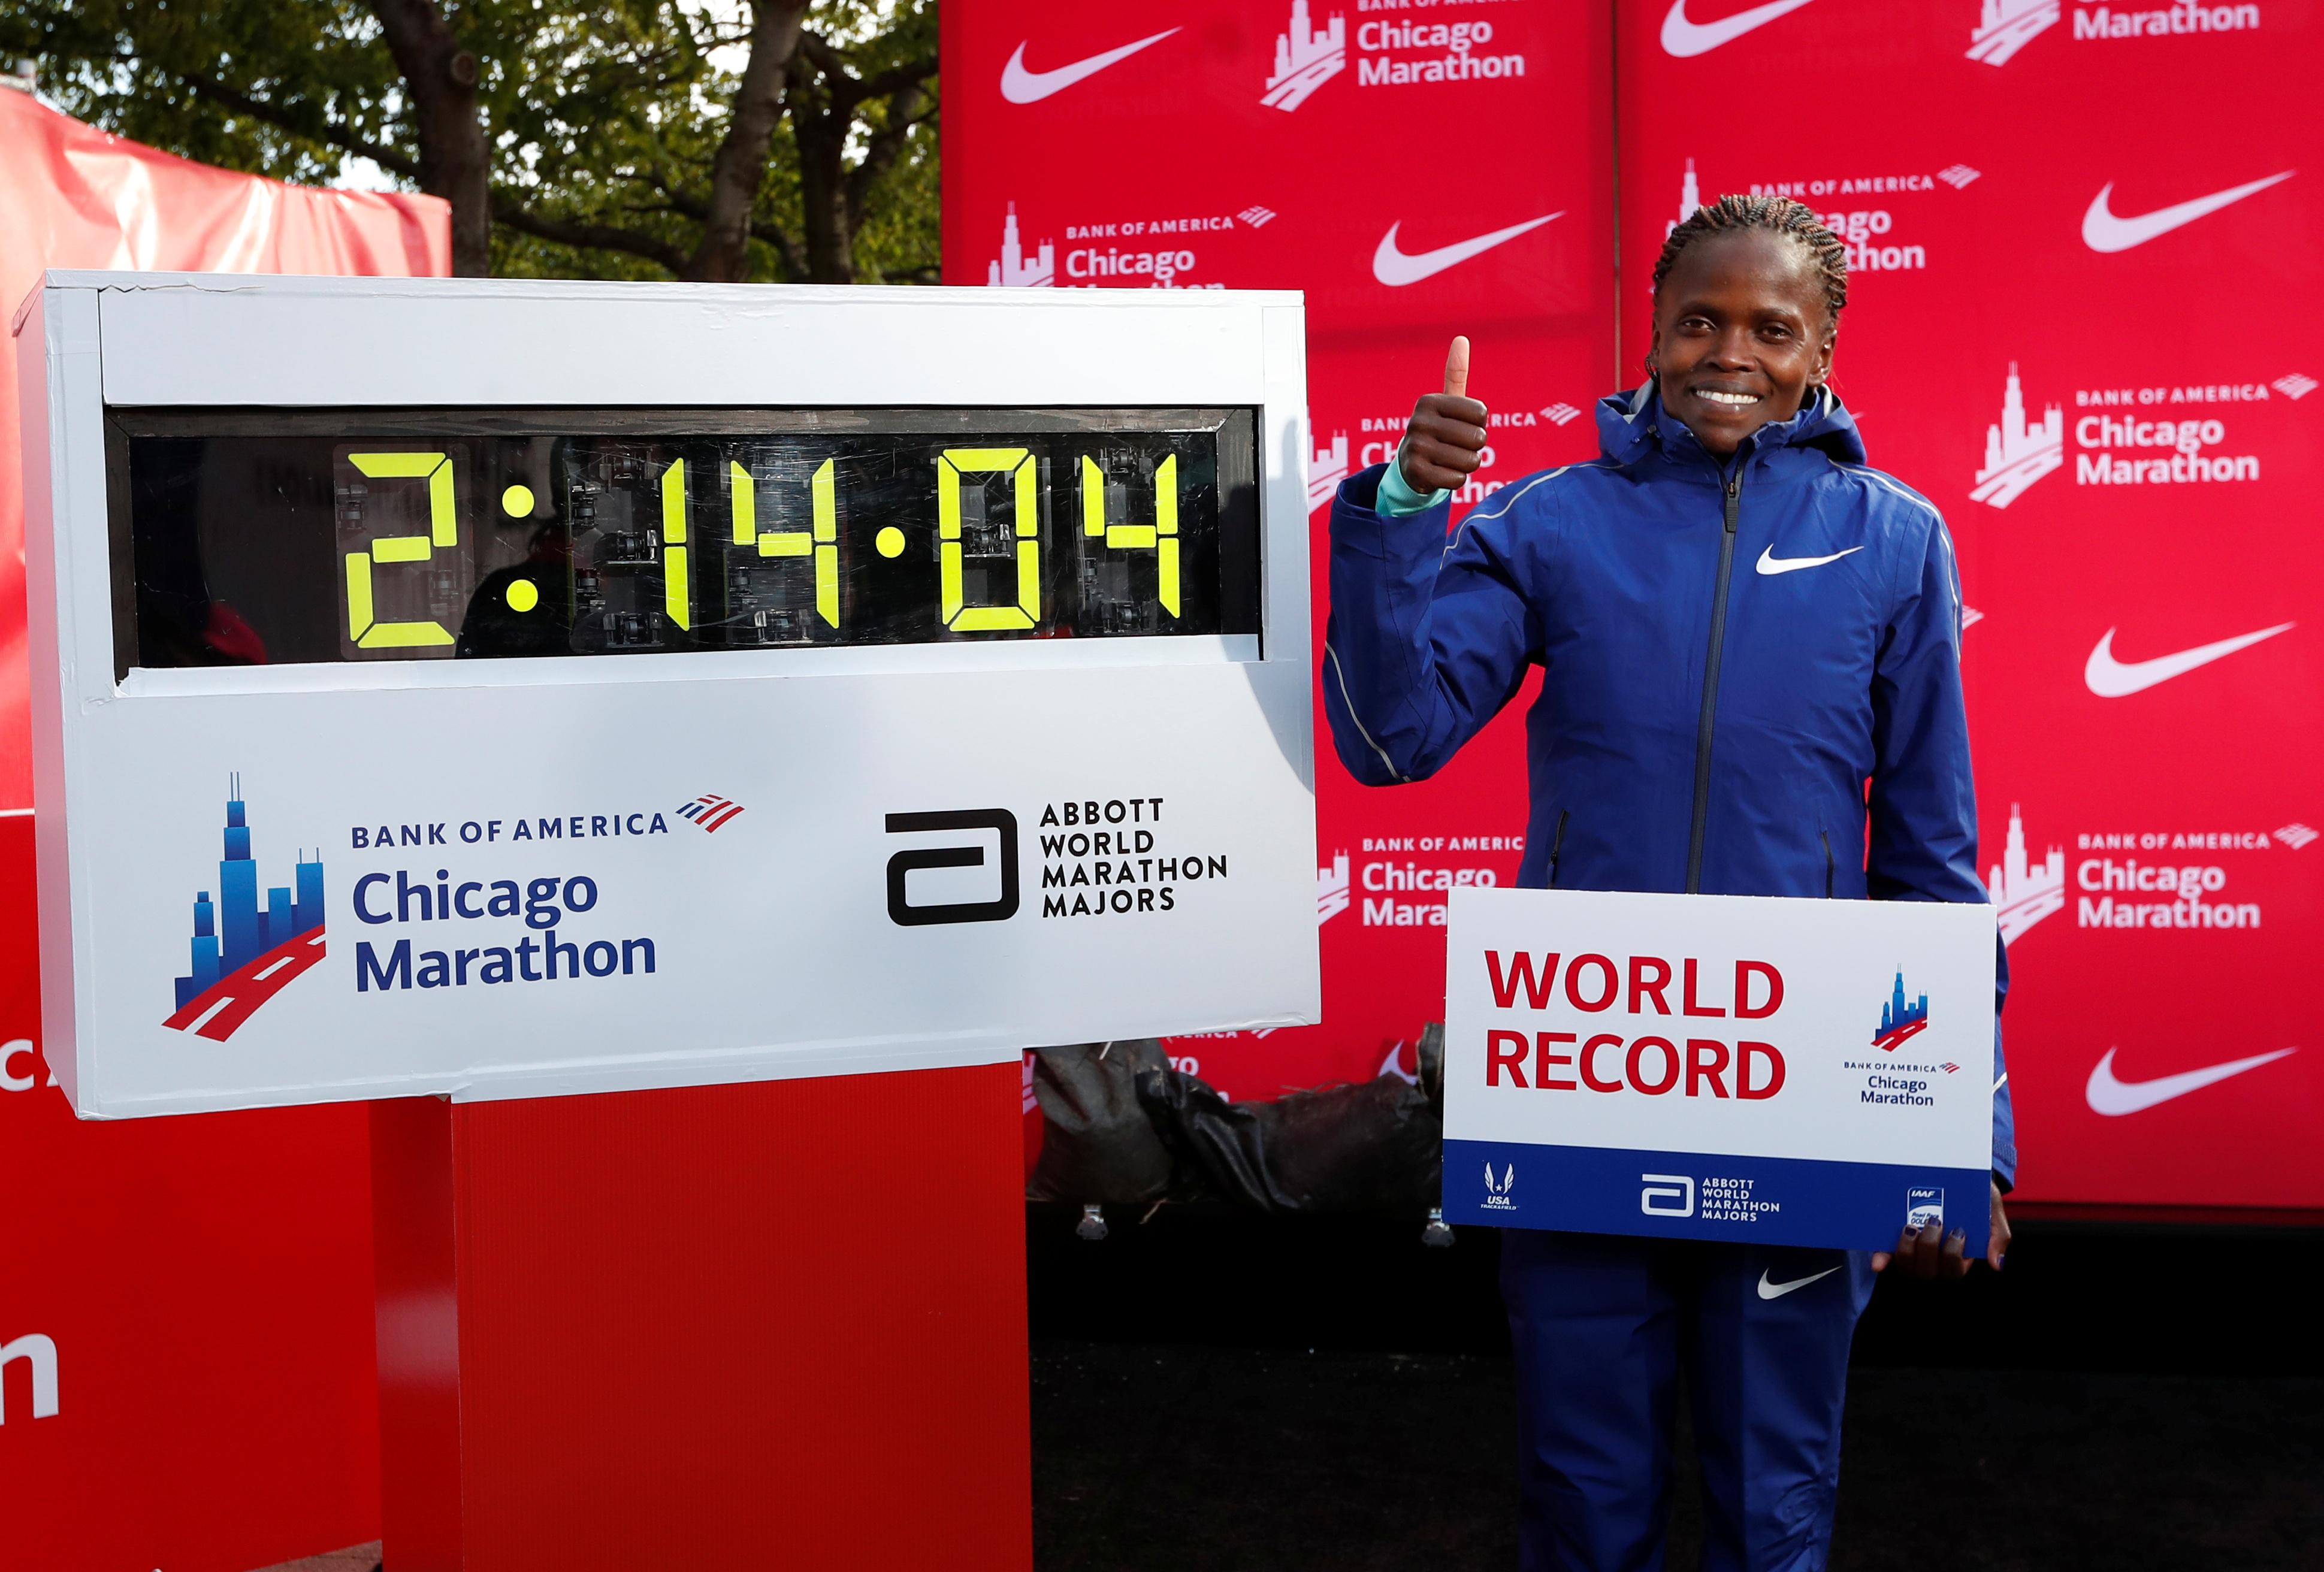 Η Κόσγκεϊ συνέτριψε το παγκόσμιο ρεκόρ στον Μαραθώνιο γυναικών! video